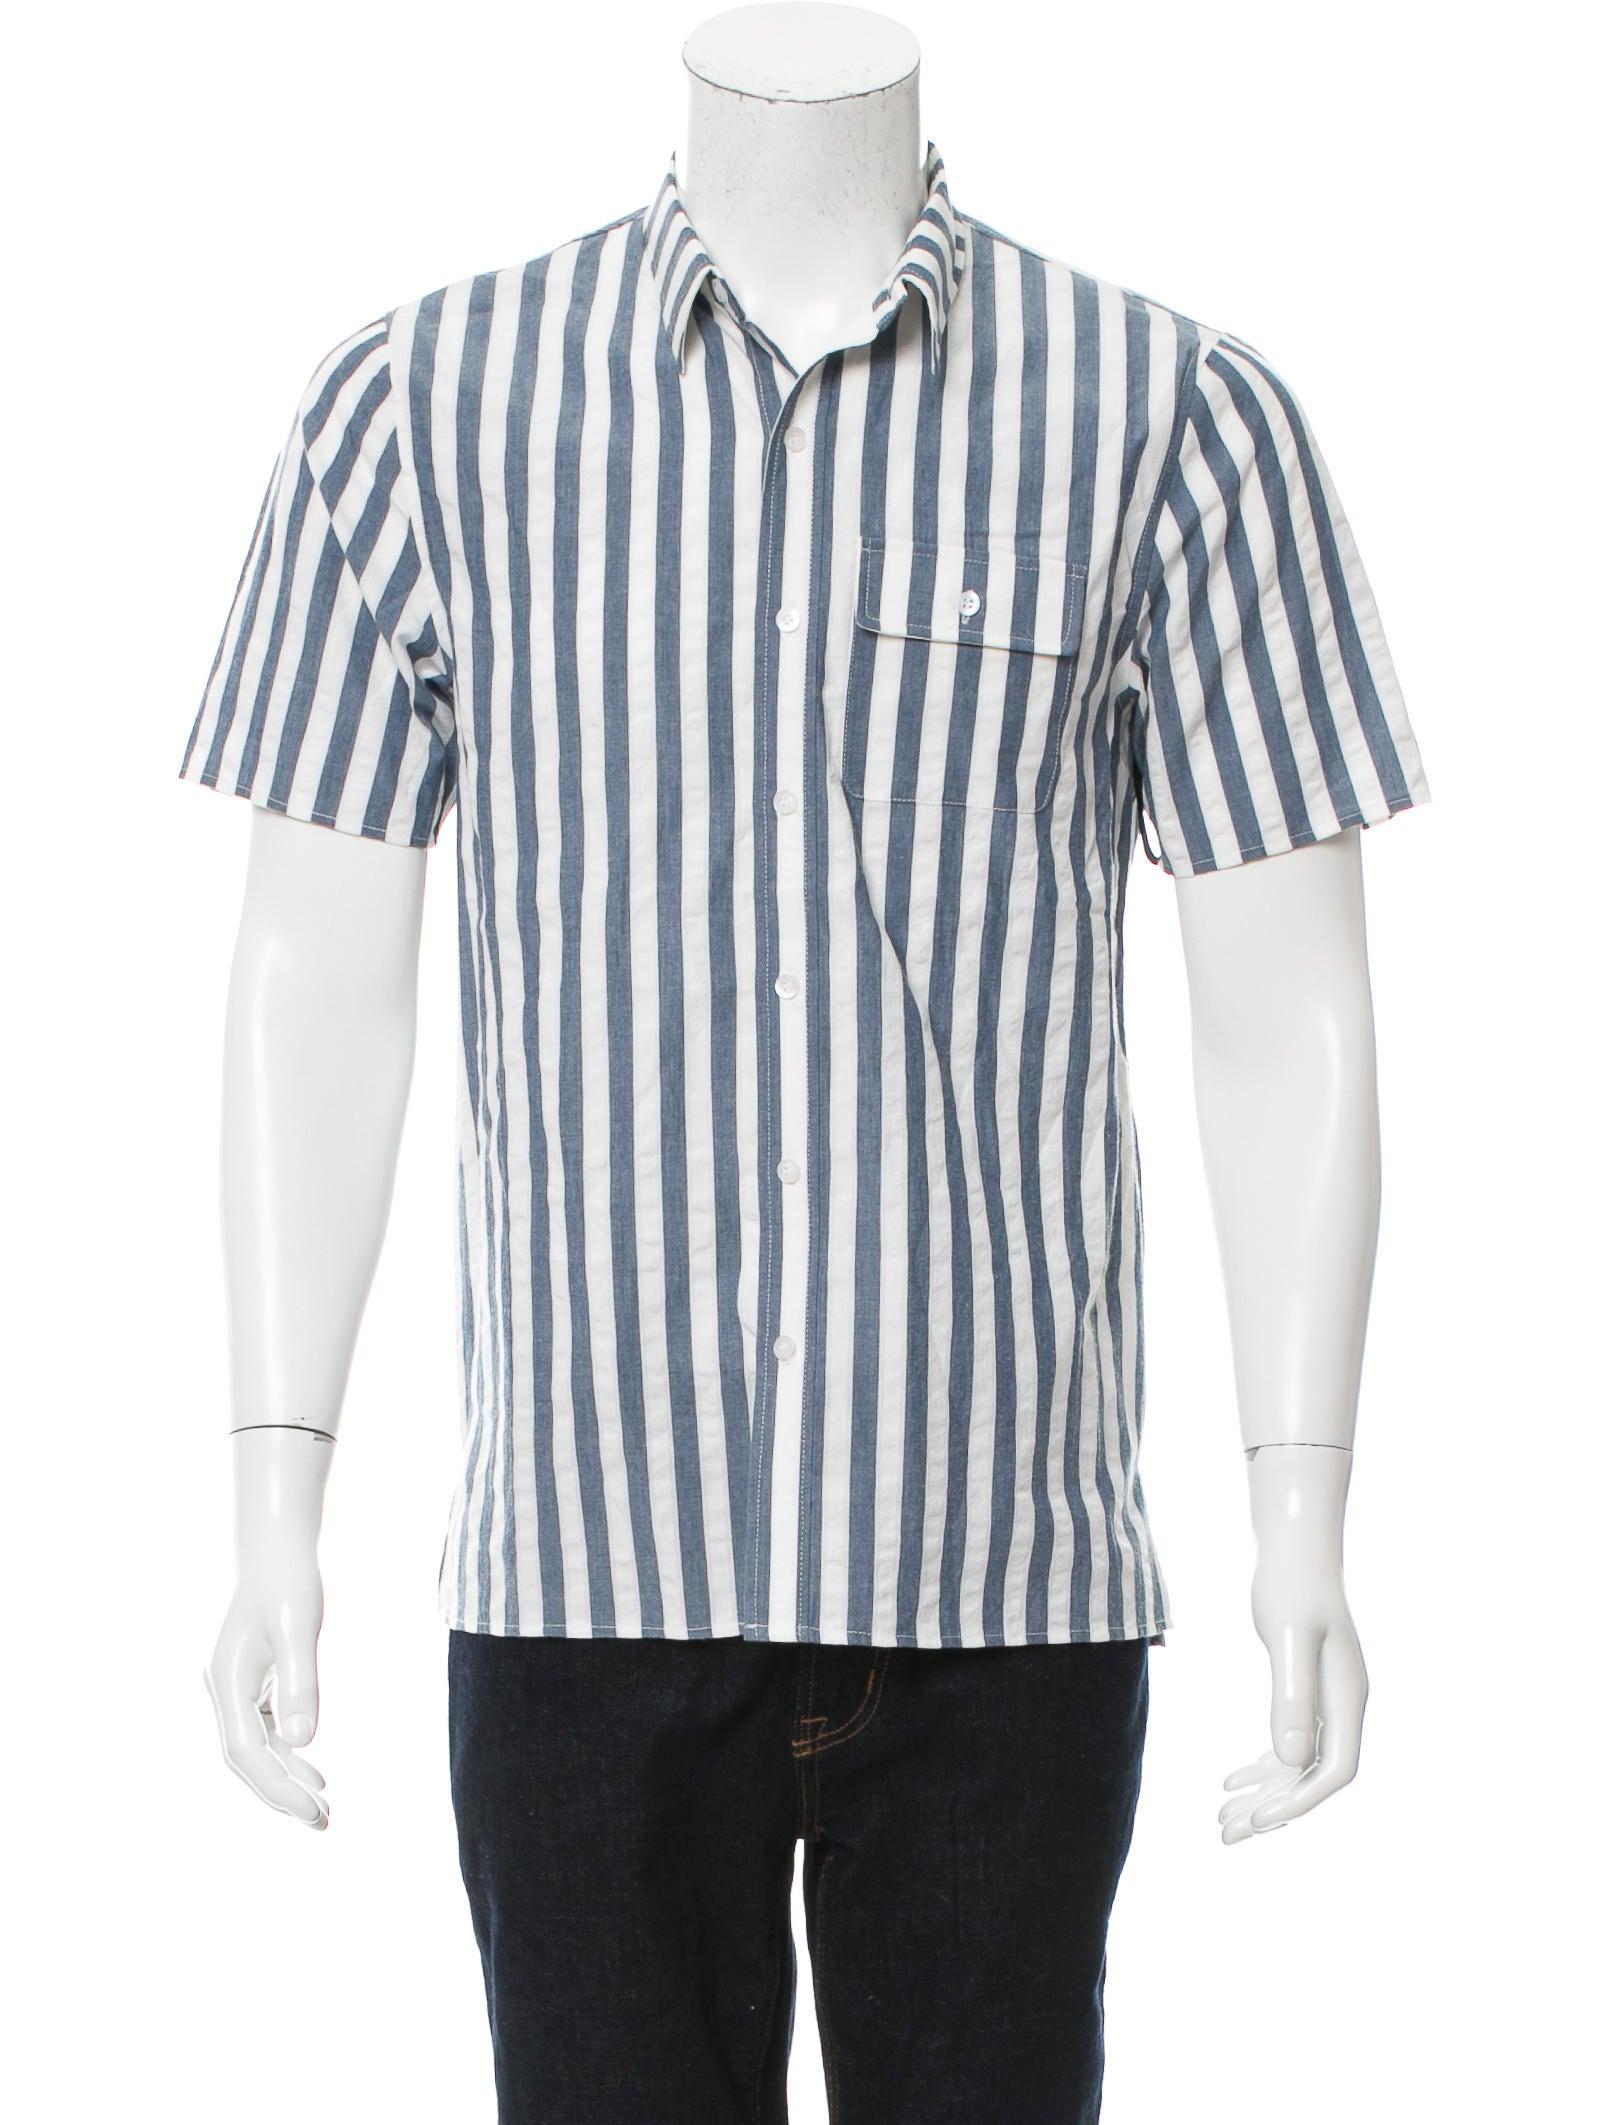 Matiere striped button up shirt clothing wmatr20006 for Striped button up shirt mens